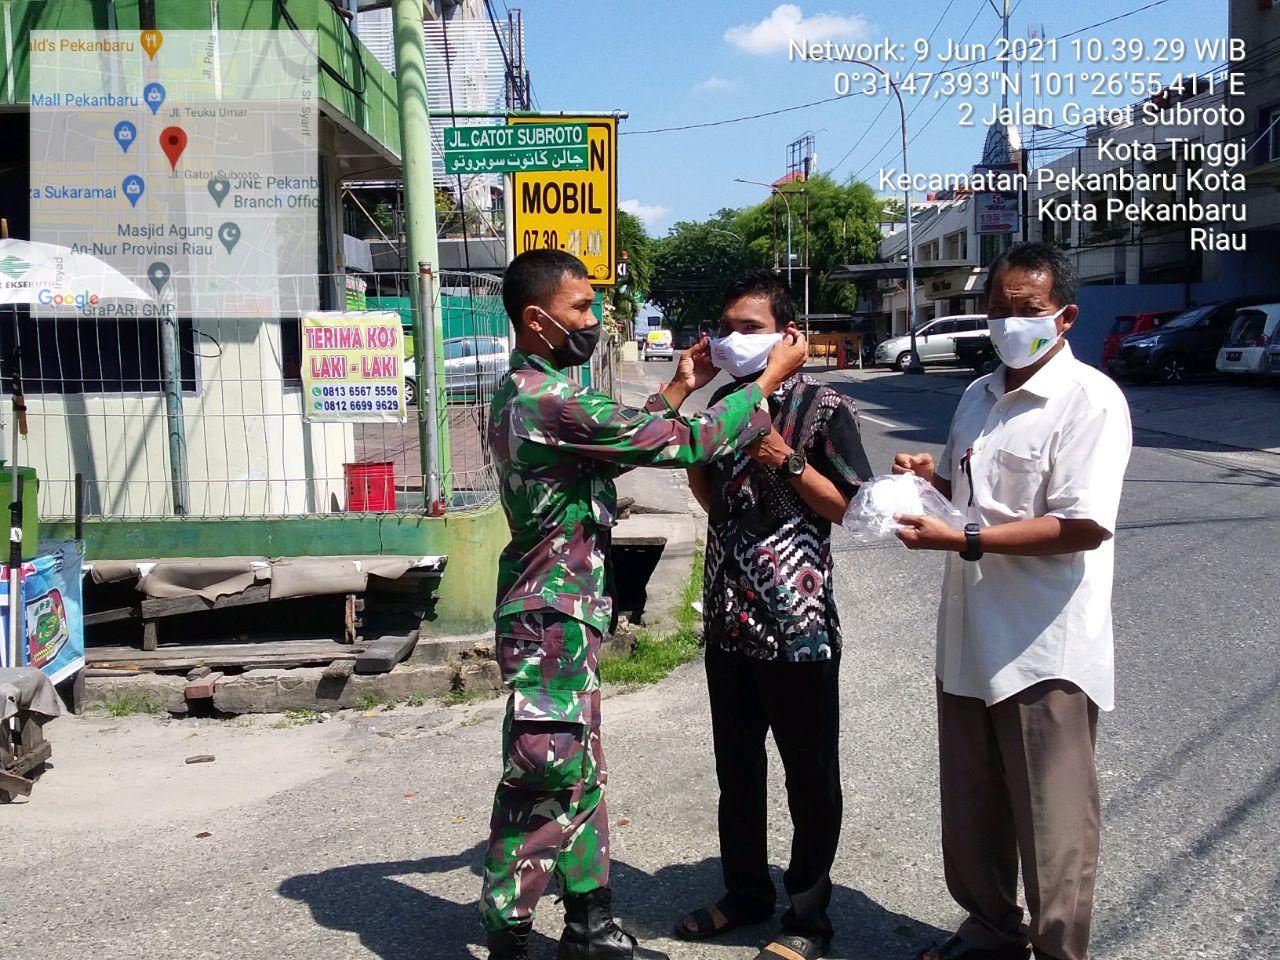 Cegah Penularan Covid-19, Babinsa Kodim 0301/PBR Bersama Lurah Kota Tinggi Laksanakan Pembagian Masker Kepada Warga Yang Melintas di Jalan Gatot Subroto